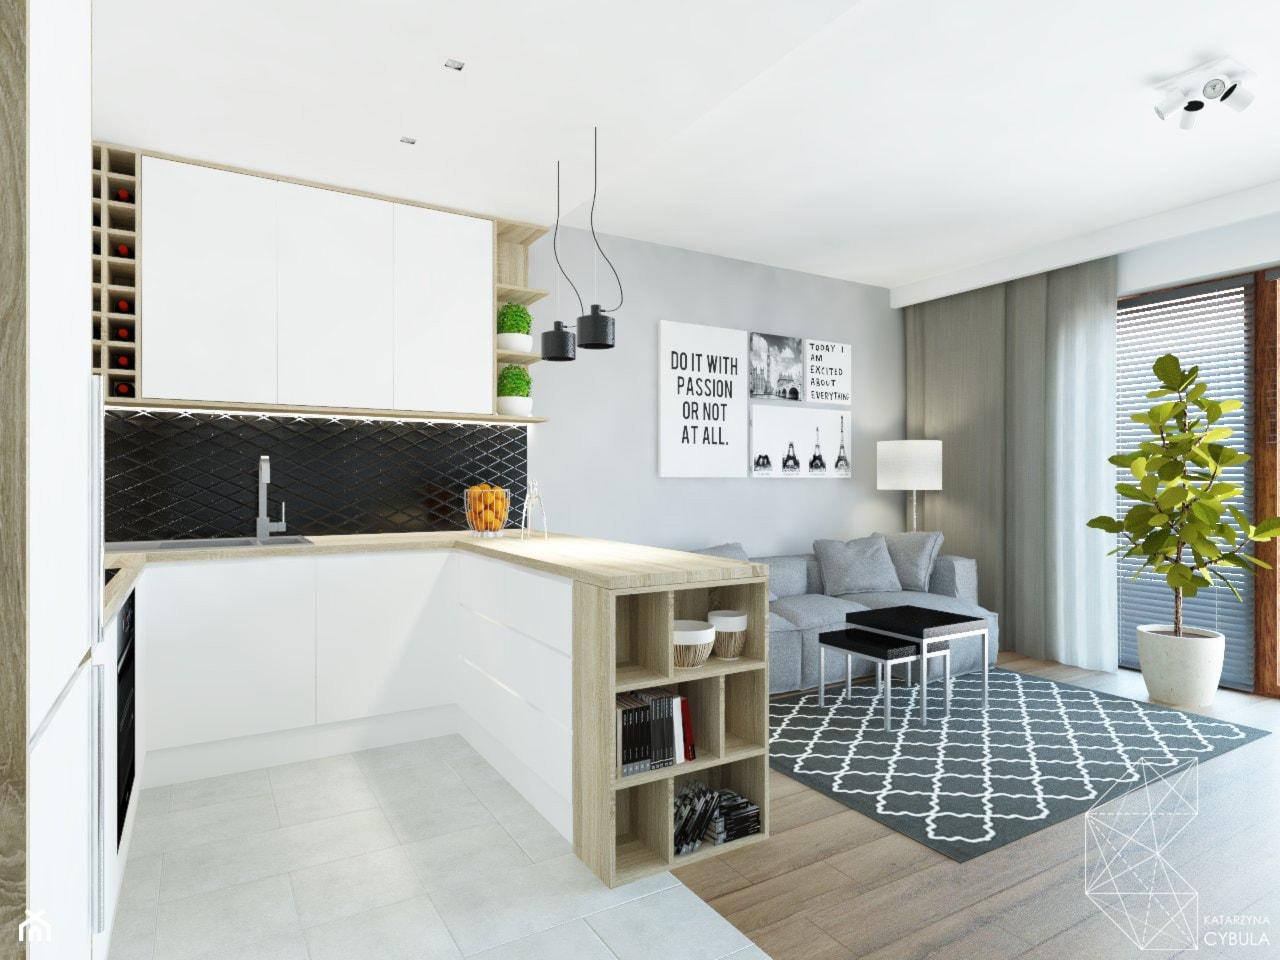 Mieszkanie 80m2 / Wiślane Tarasy, Kraków - Średnia otwarta szara kuchnia w kształcie litery u w aneksie z wyspą, styl nowoczesny - zdjęcie od INNers - architektura wnętrza - Homebook